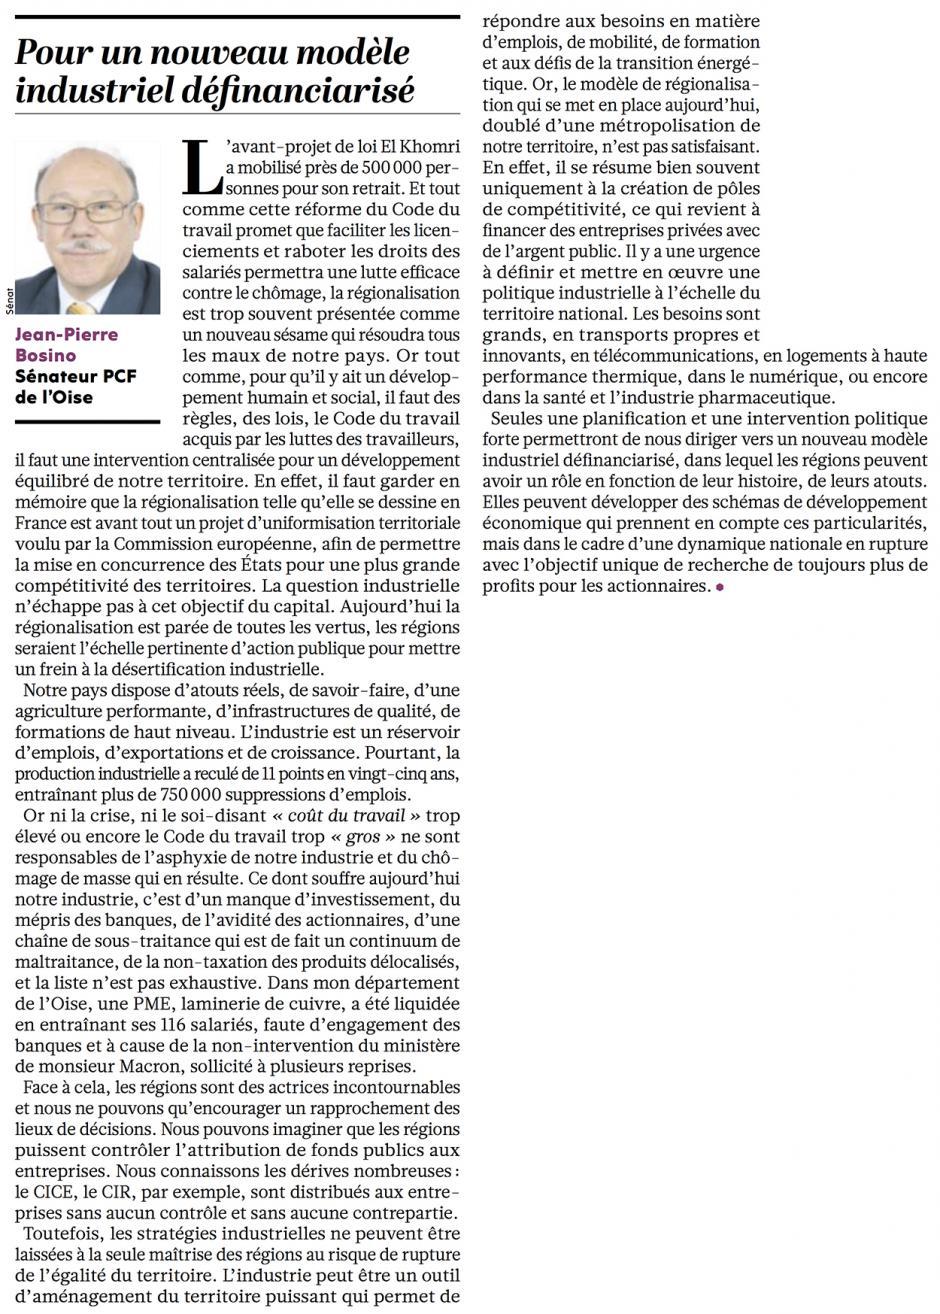 20160317-L'Huma-France-Jean-Pierre Bosino : « Pour un nouveau modèle industriel définanciarisé »